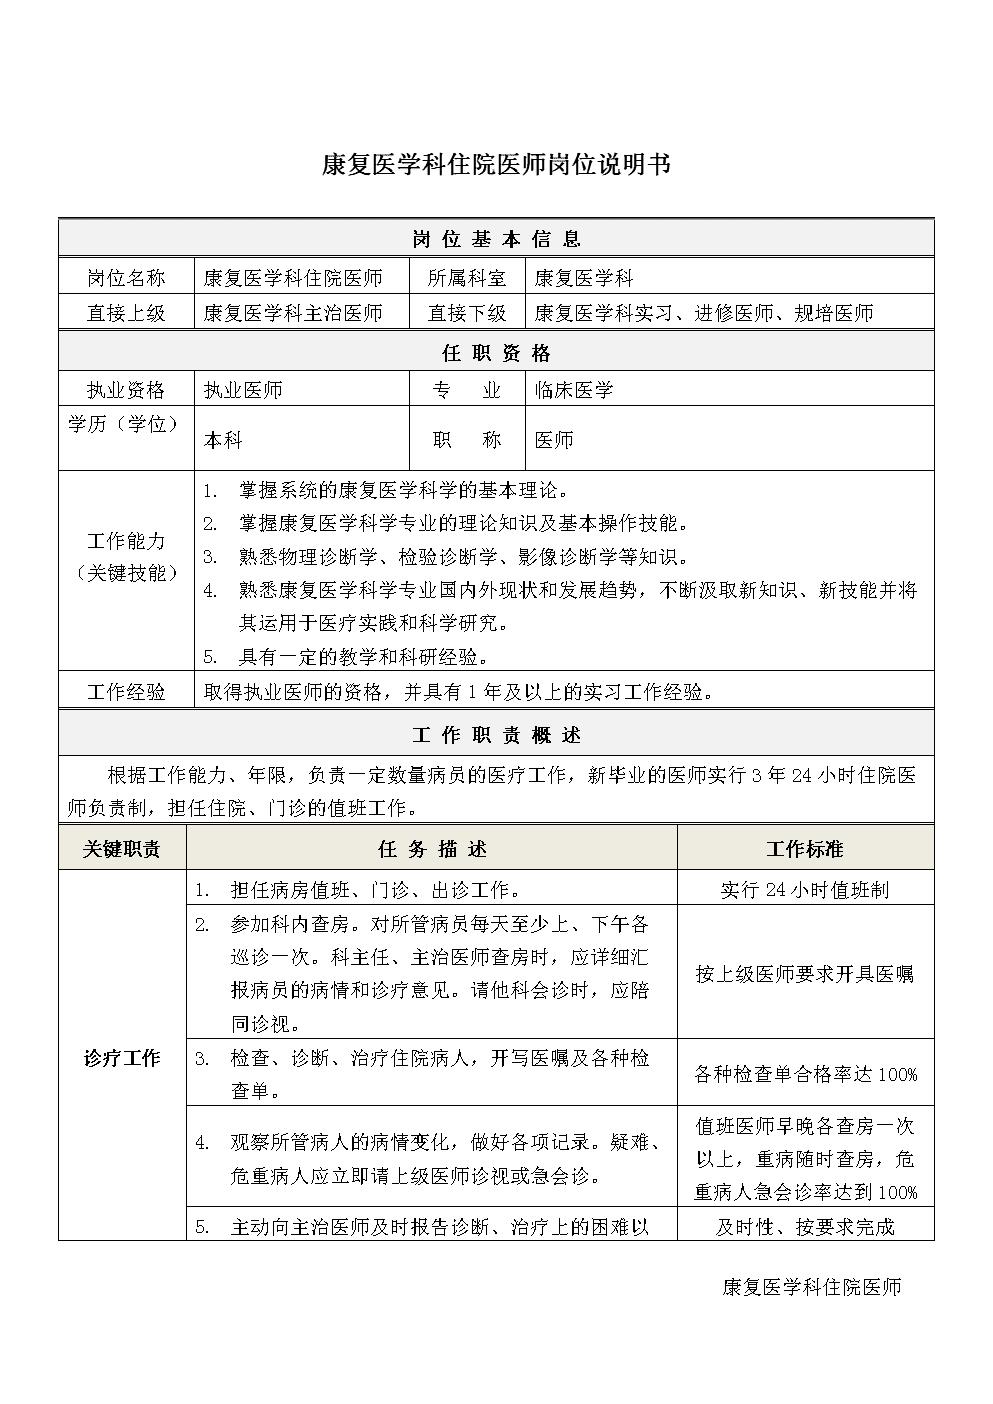 5康复医学科住院医师岗位说明书.docx